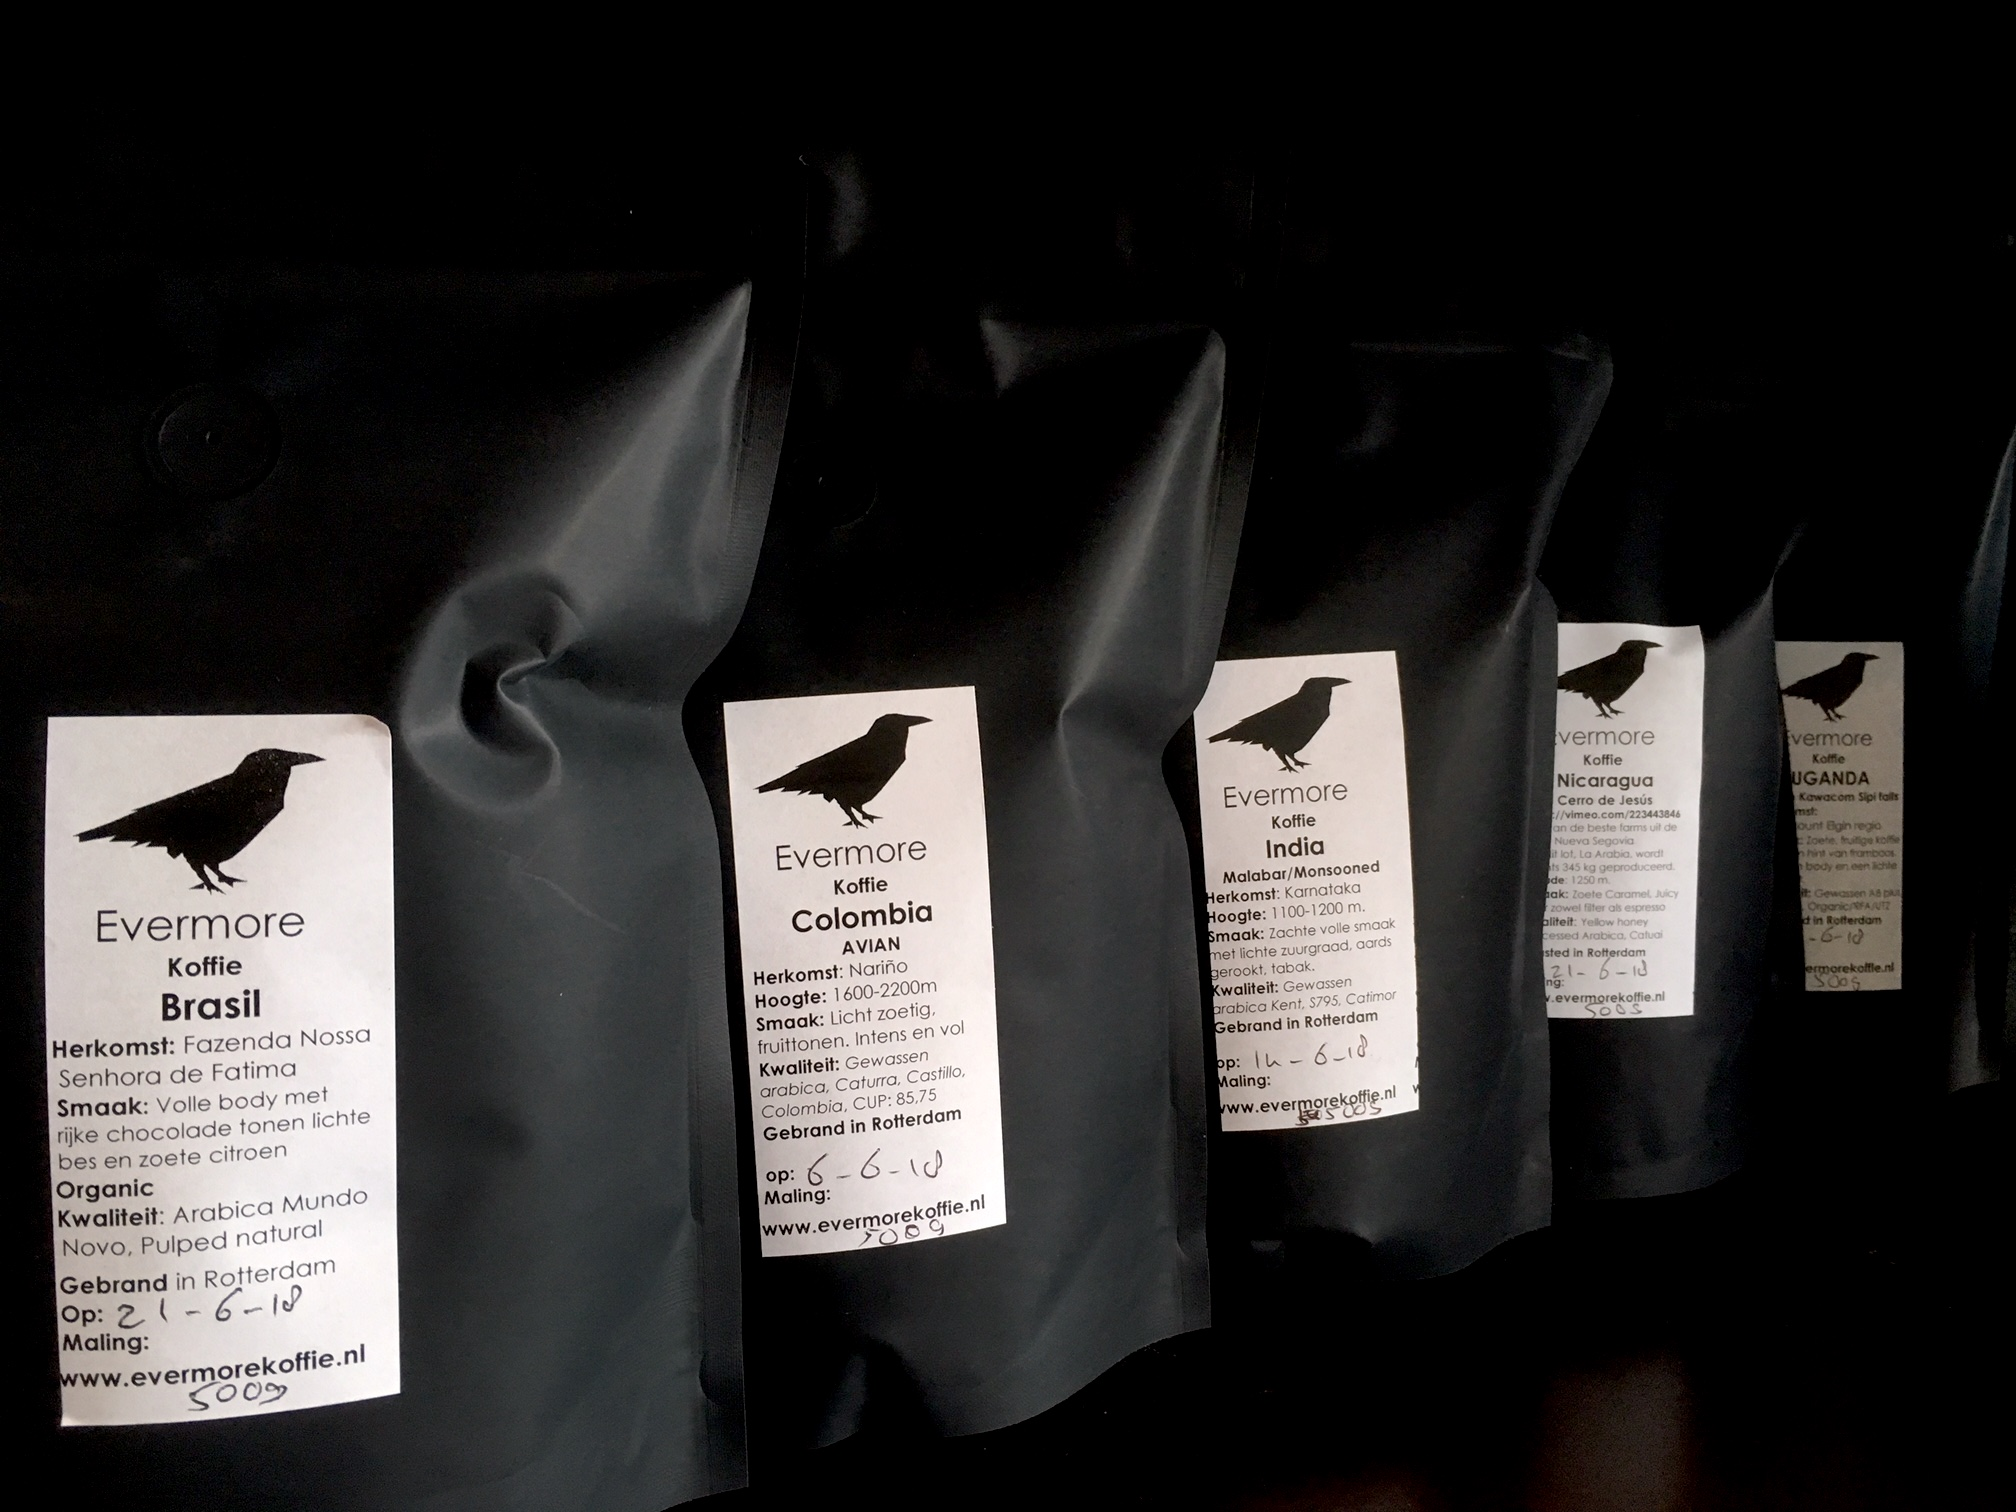 Licht Gebrande Koffiebonen : Proefpakket koffiebonen soorten online bestellen wekelijks